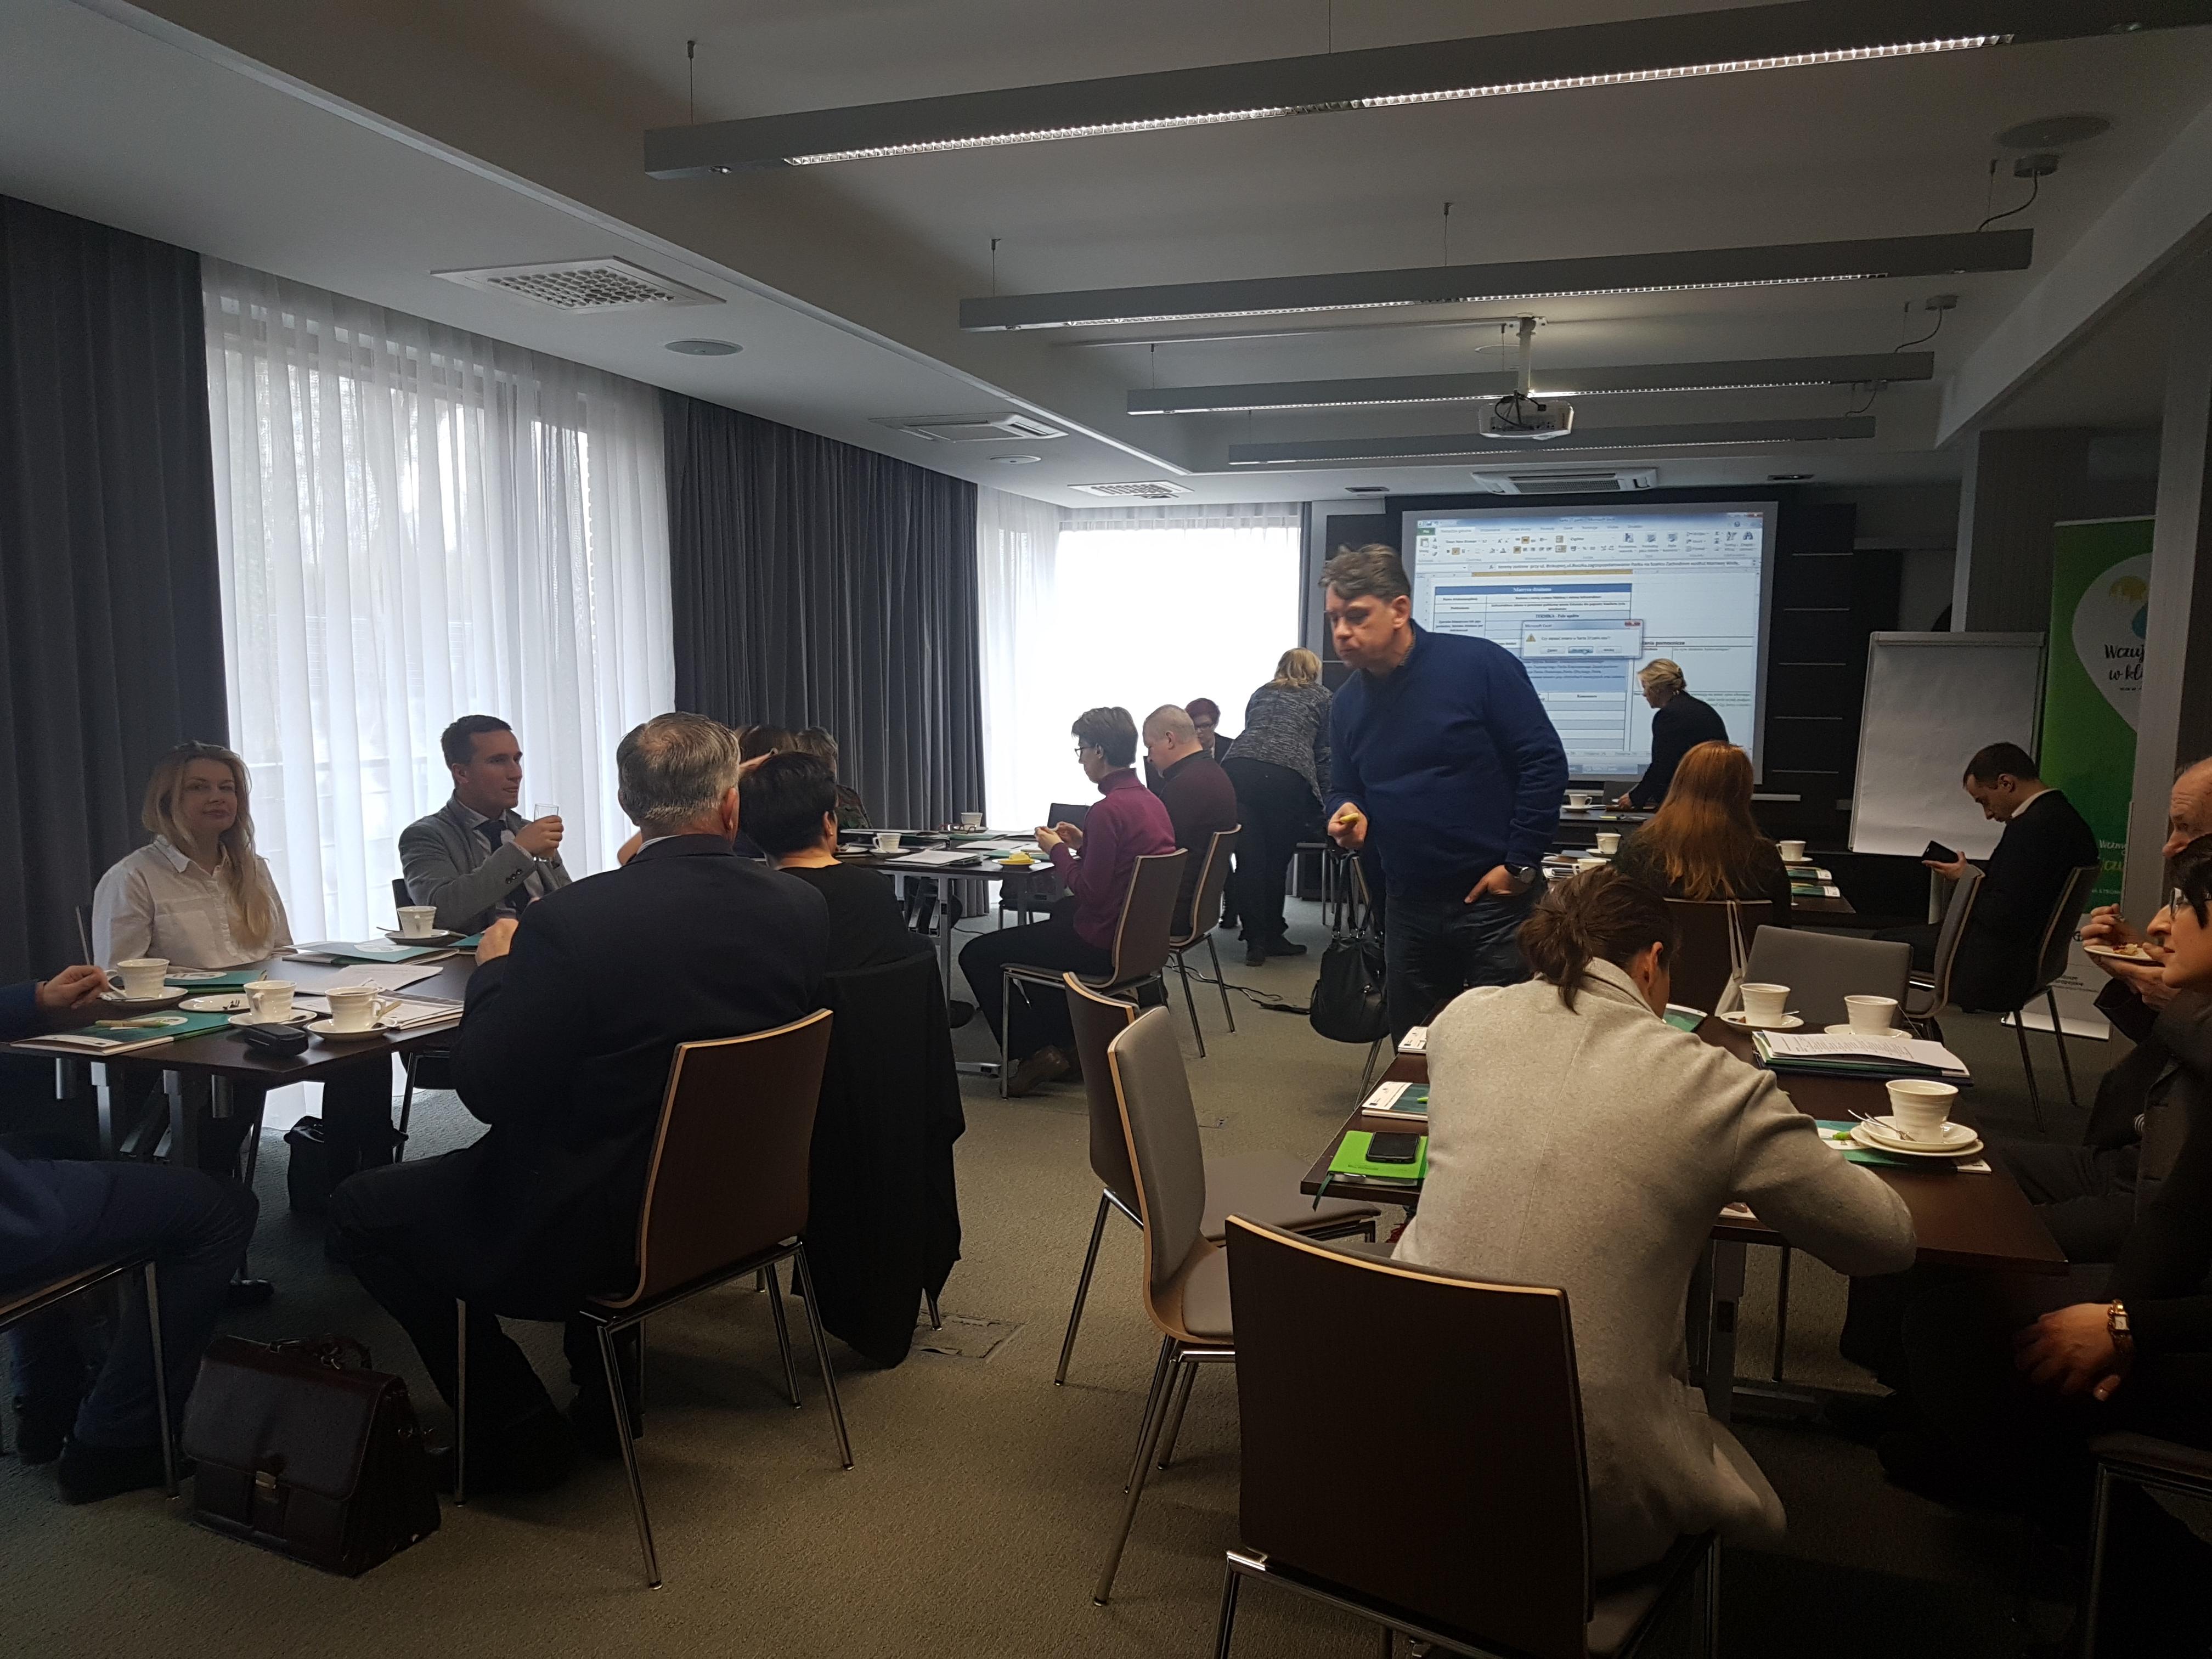 MPA W3 2018 03 20 Gdynia 1 - Przygotować się na zjawiska ekstremalne